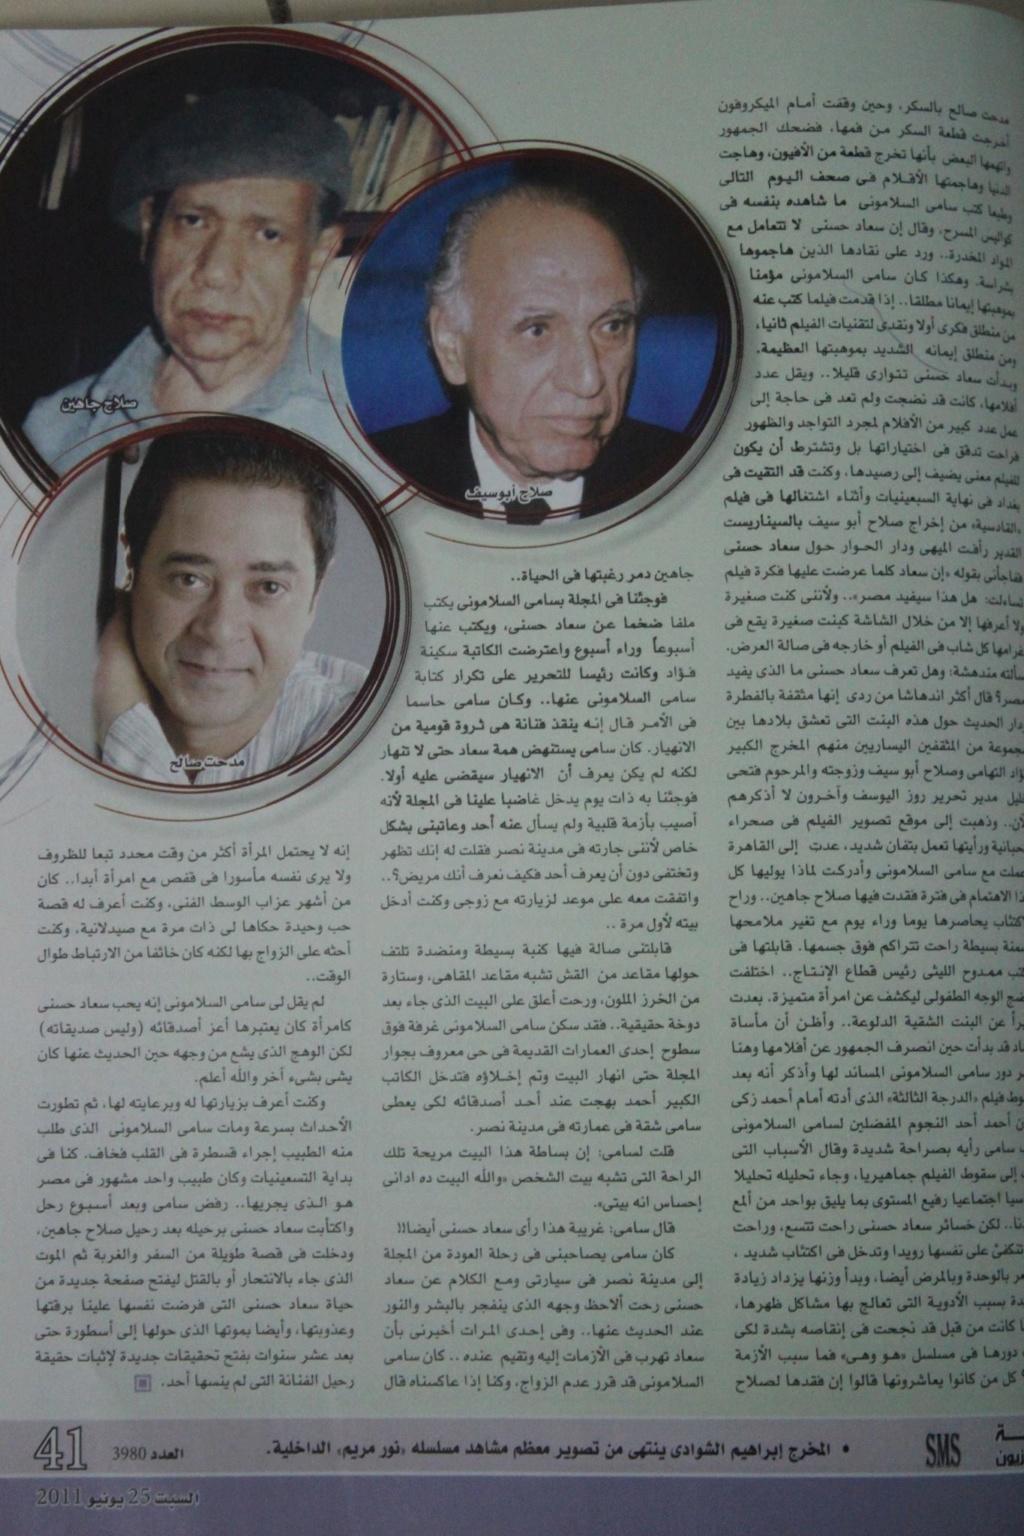 مقال صحفي : سعاد حسني وسامي السلاموني .. صداقة أم قصة حب ؟ 2011 م 2202